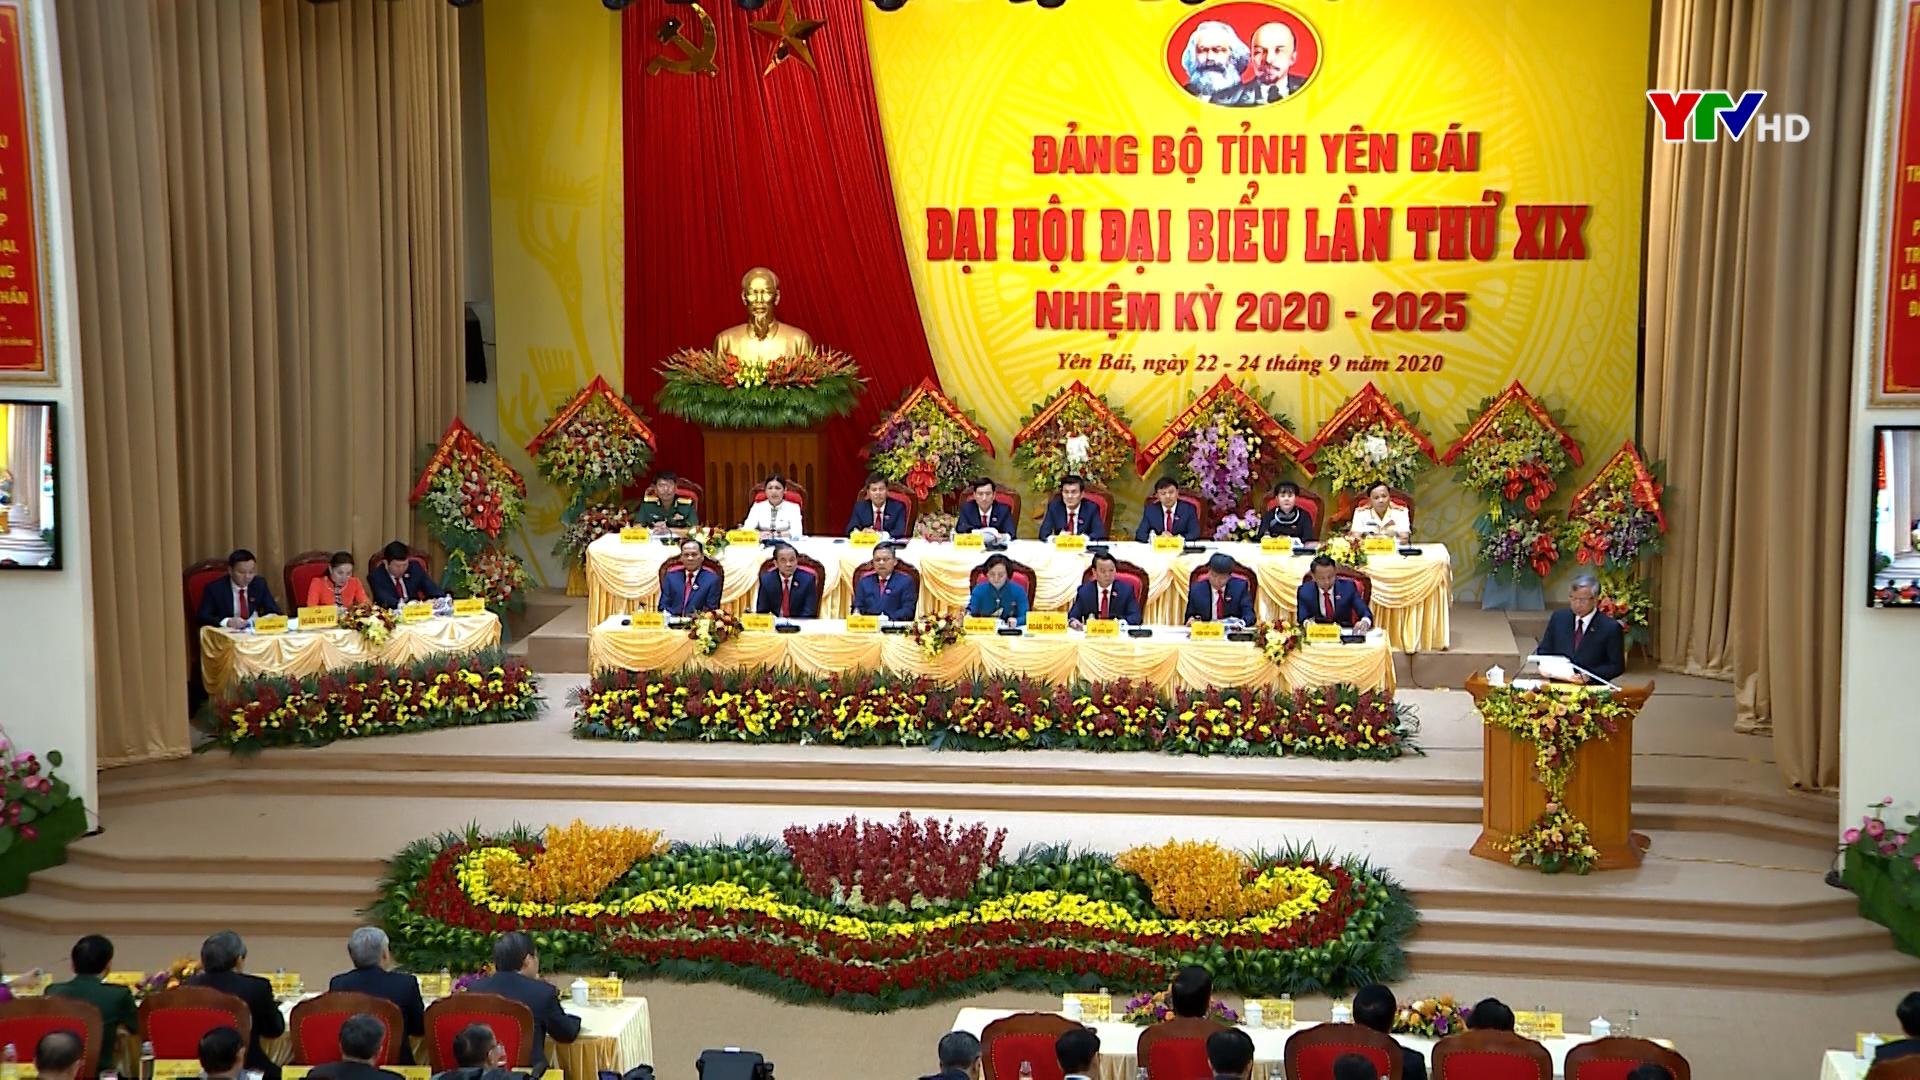 Tường thuật khai mạc Đại hội Đảng bộ tỉnh Yên Bái lần thứ XIX, nhiệm kỳ 2020 - 2025